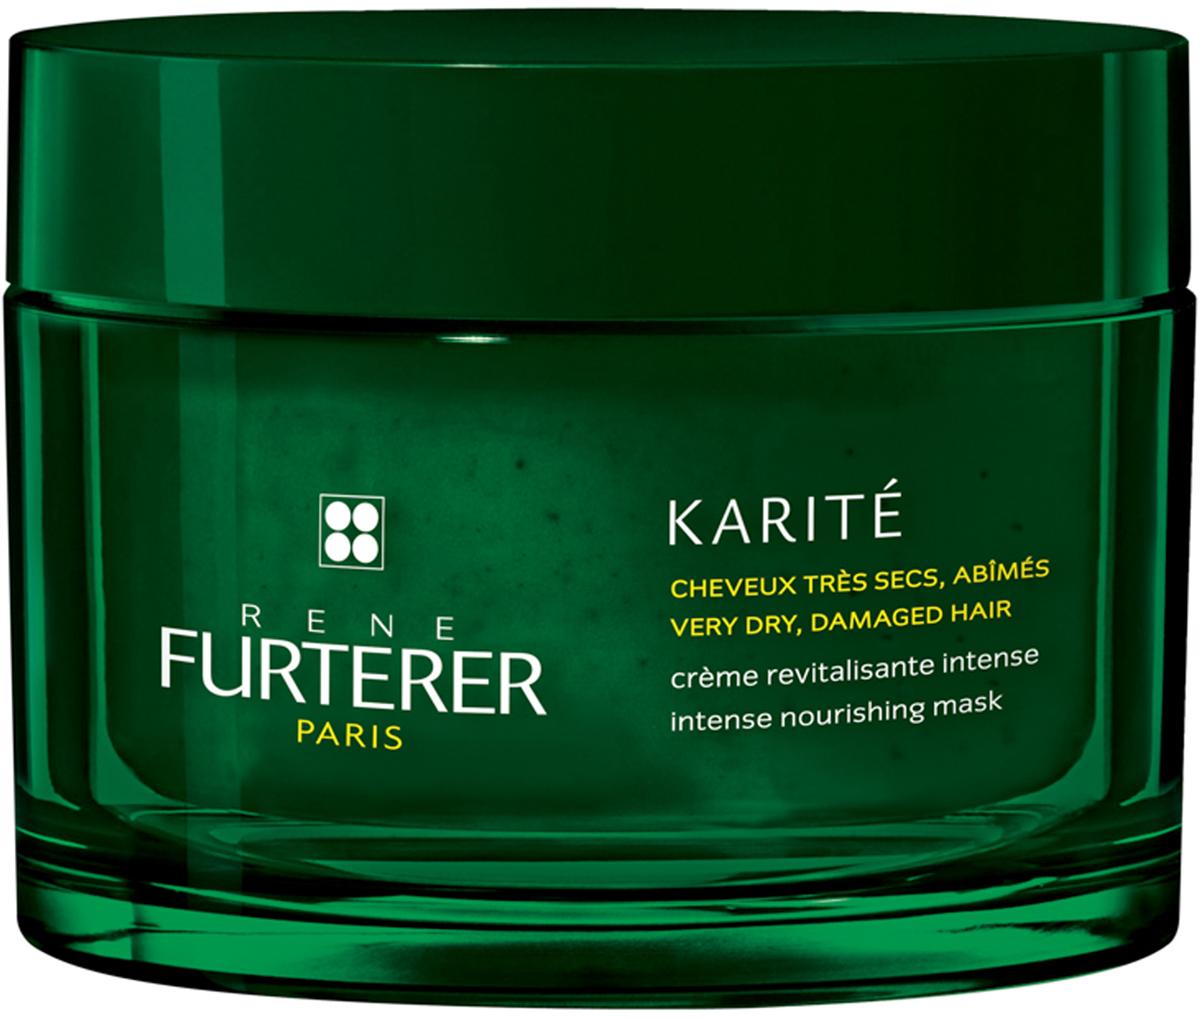 Rene Furterer Karite Питательный крем-бальзам для очень сухих и поврежденных волос, 200 мл3282779354677Крем-бальзам - это насыщенная кремовая маска, с высоким содержанием масла карите, для интенсивного питания волос. Мгновенно возвращает мягкость и шелковистость даже очень сухим волосам. Обладает превосходными восстанавливающими свойствами. Облегчает расчесывание. Волосы становятся более сильными и эластичными.